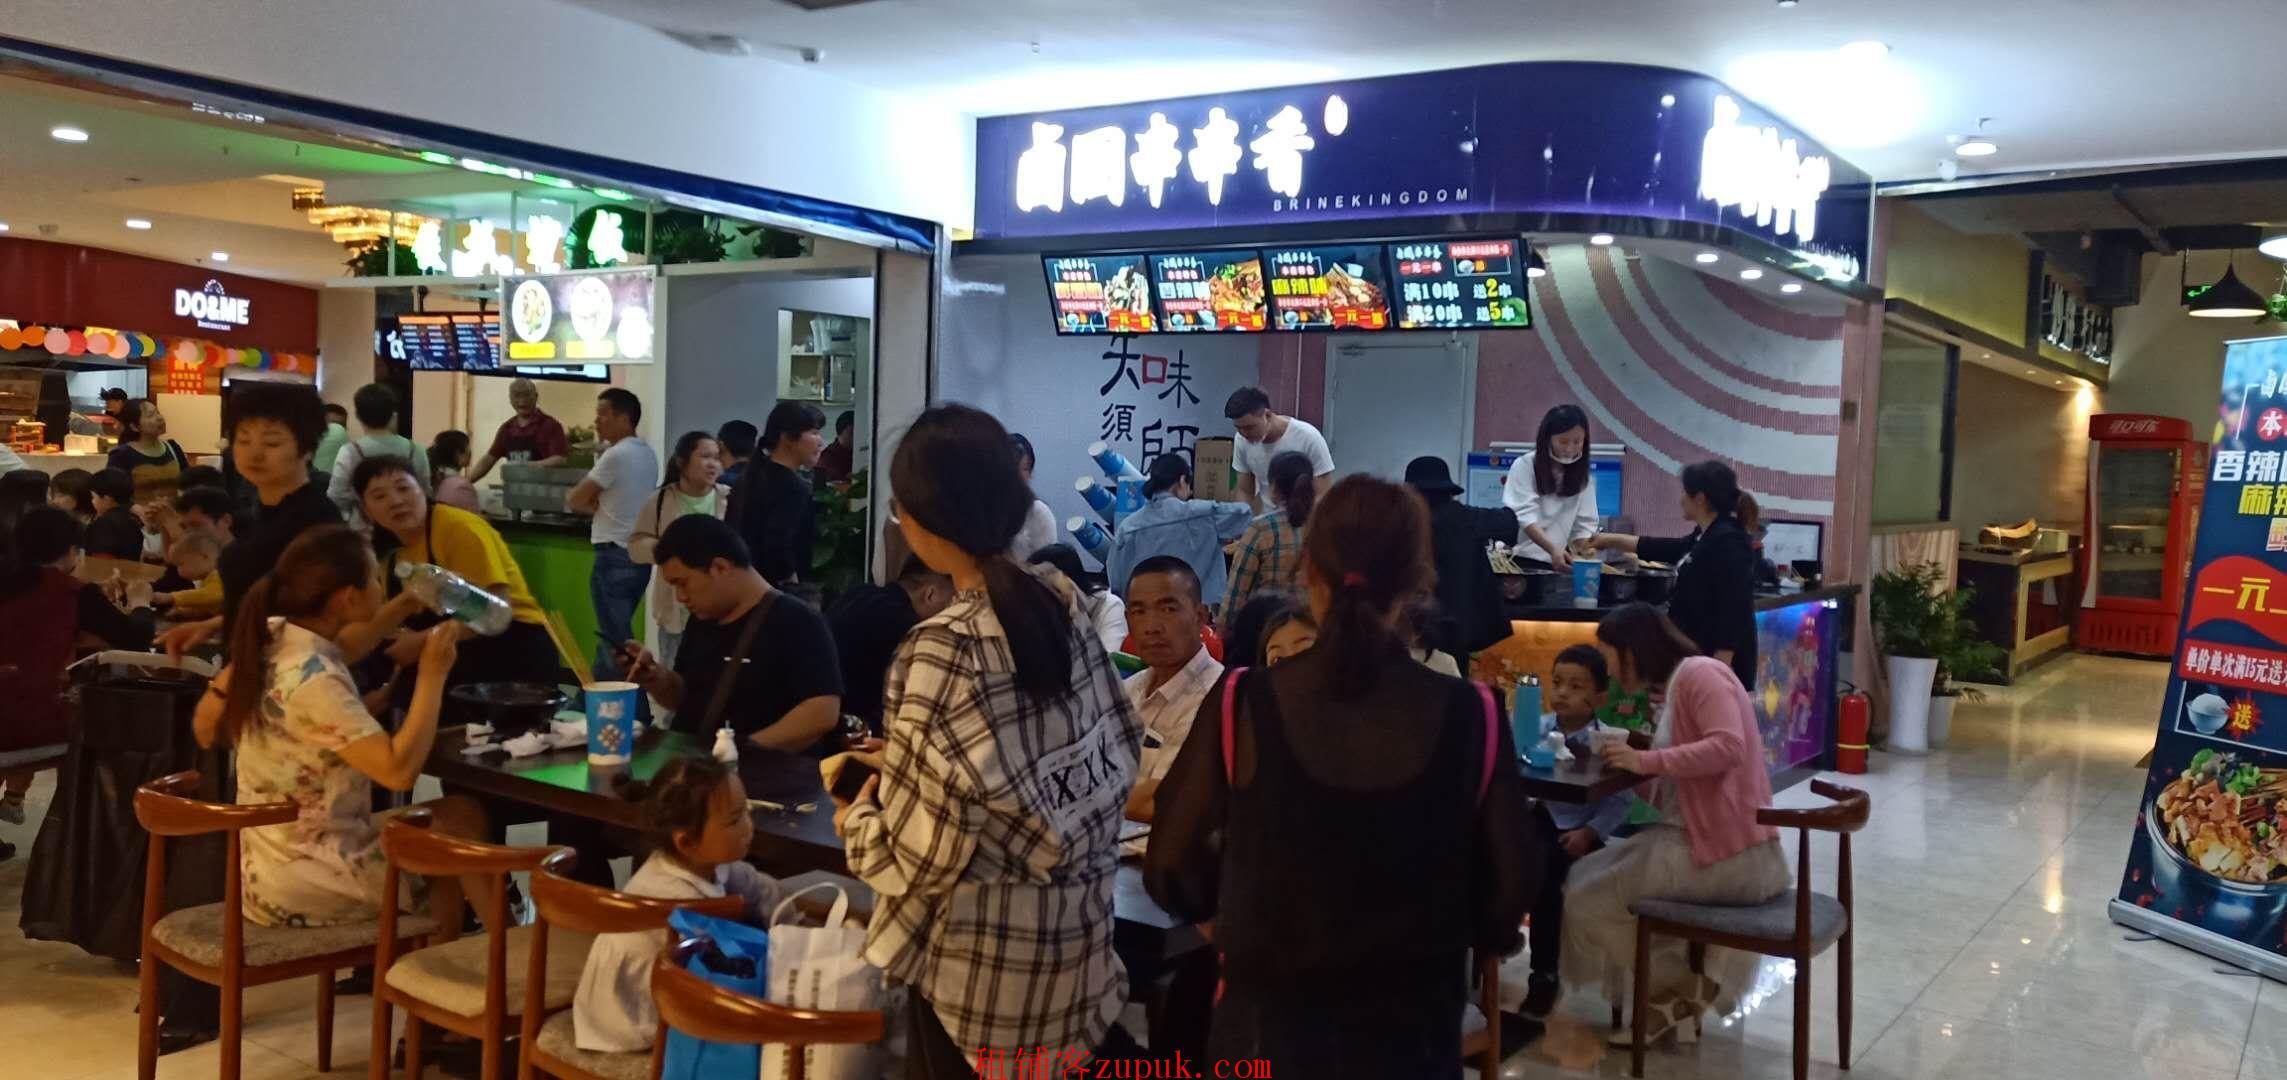 下城区凤起商圈沿街十字路口餐饮旺铺执照齐全客流稳定